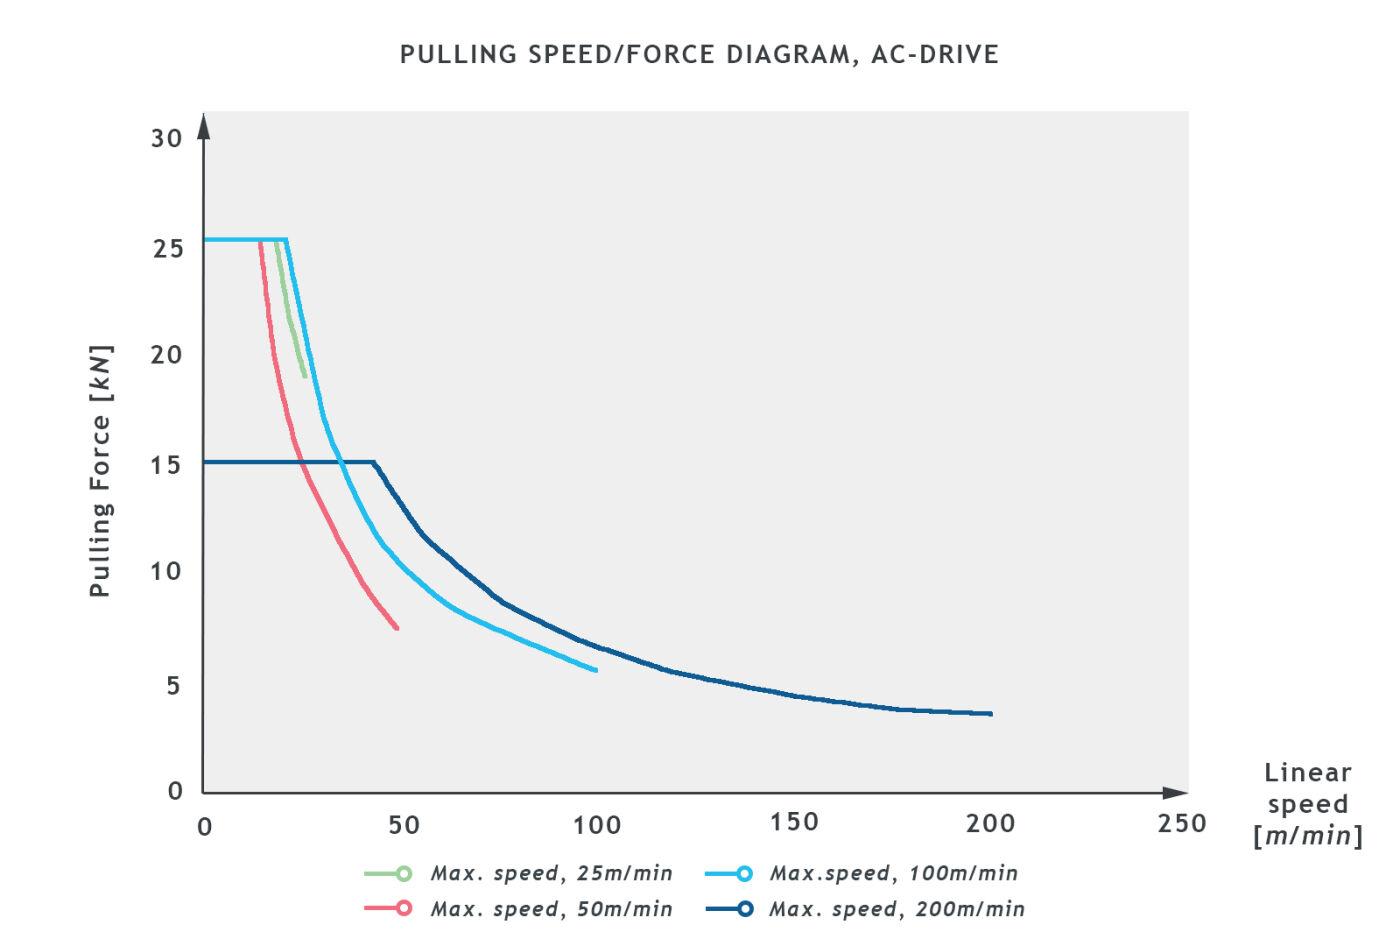 BCA21_PULLING_SPEED_DIAGRAM_300dpi.jpg